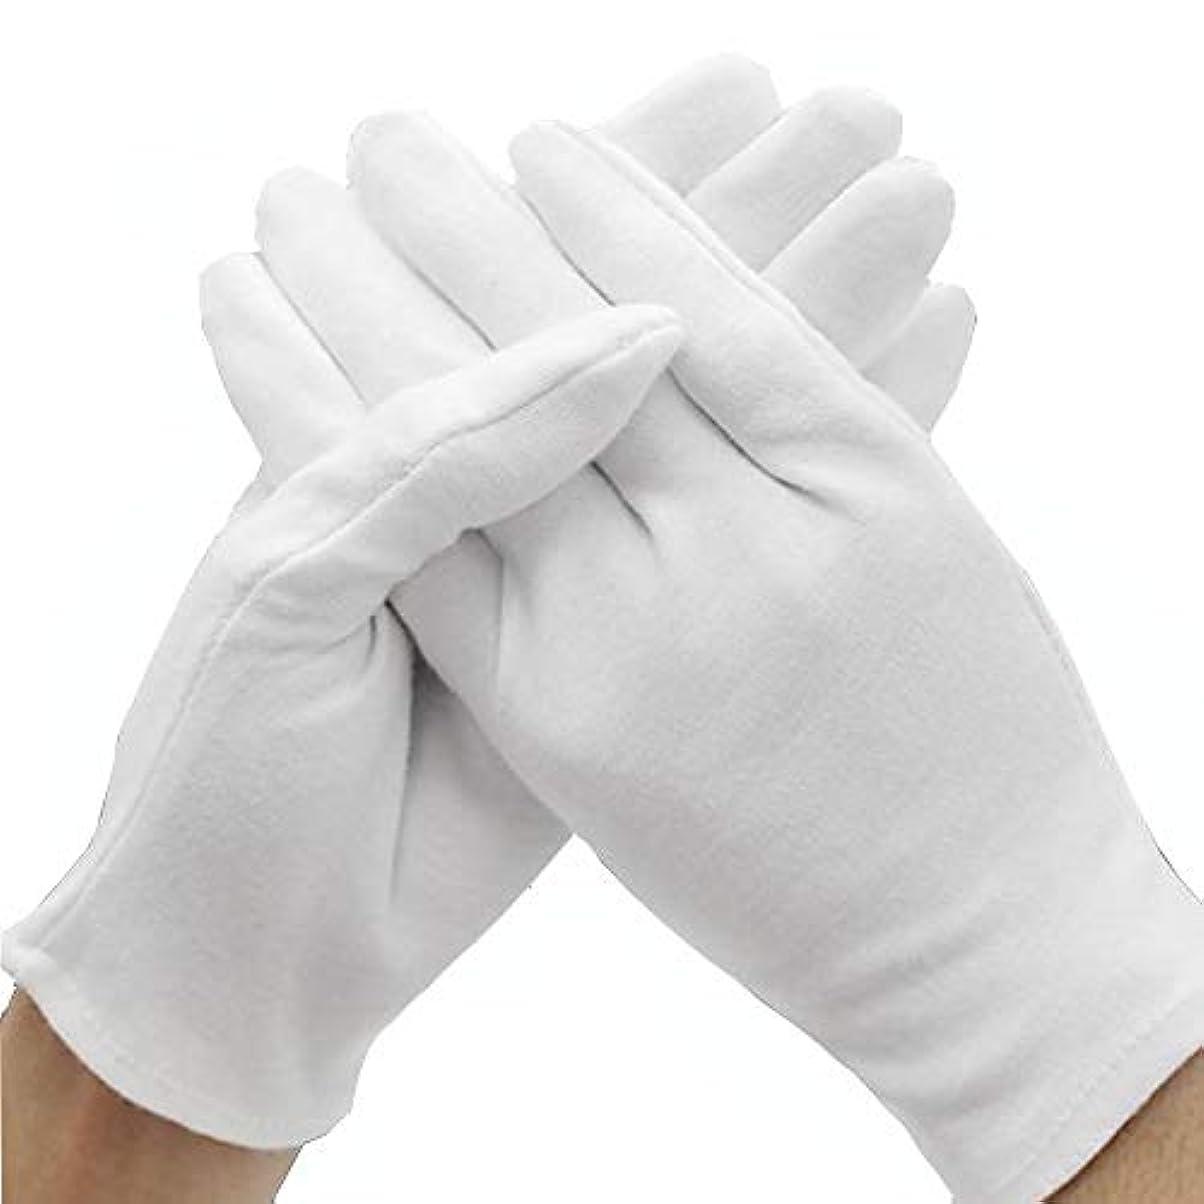 知覚仮定カスケードLezej インナーコットン手袋 白い手袋 綿手袋 衛生手袋 コットン手袋 ガーデニング用手袋 作業手袋 健康的な手袋 環境保護用手袋(12組) (XL)